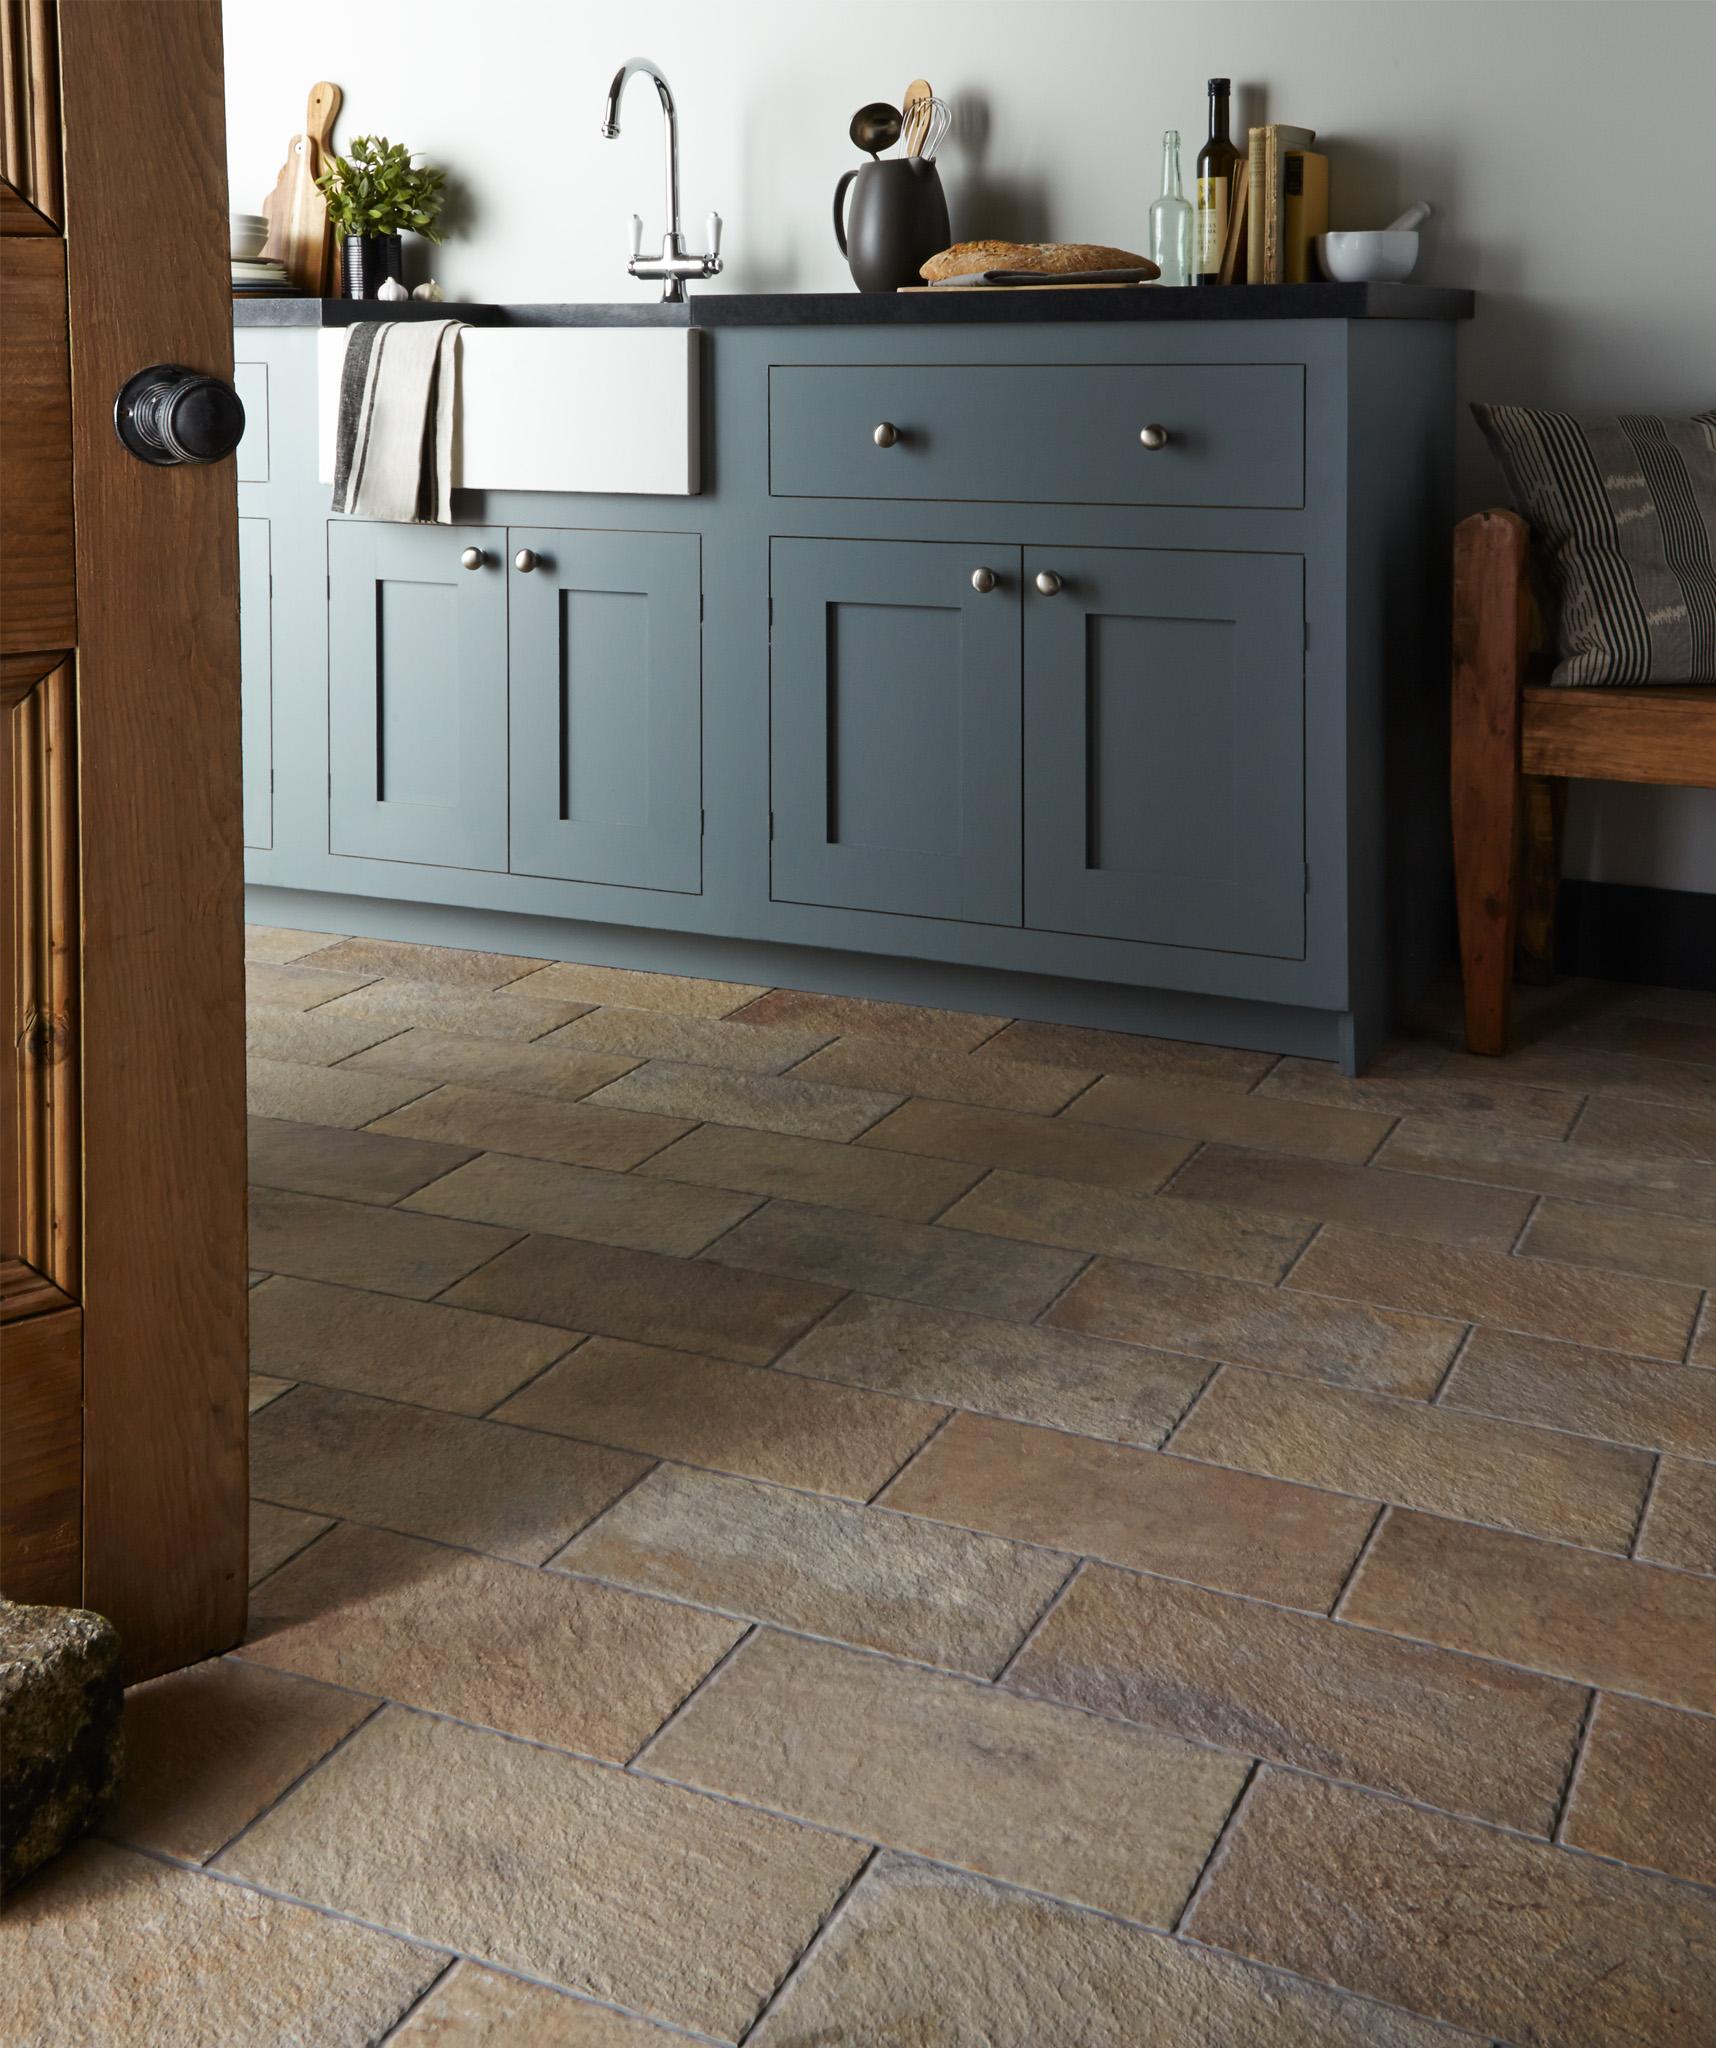 Callan Brick Topps Tiles